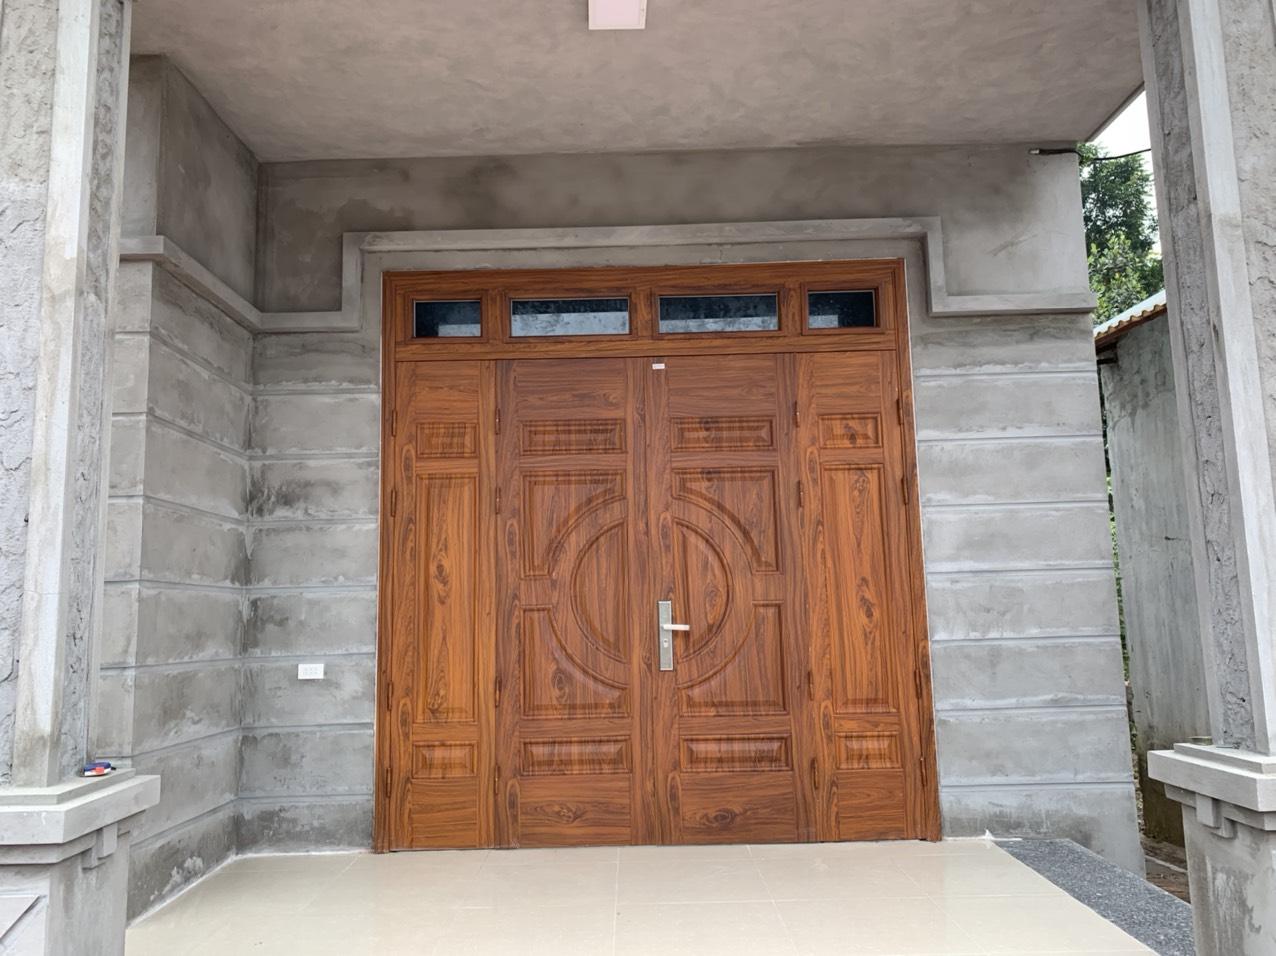 Báo giá vận chuyển, lắp đặt cửa thép vân gỗ Lạng sơn